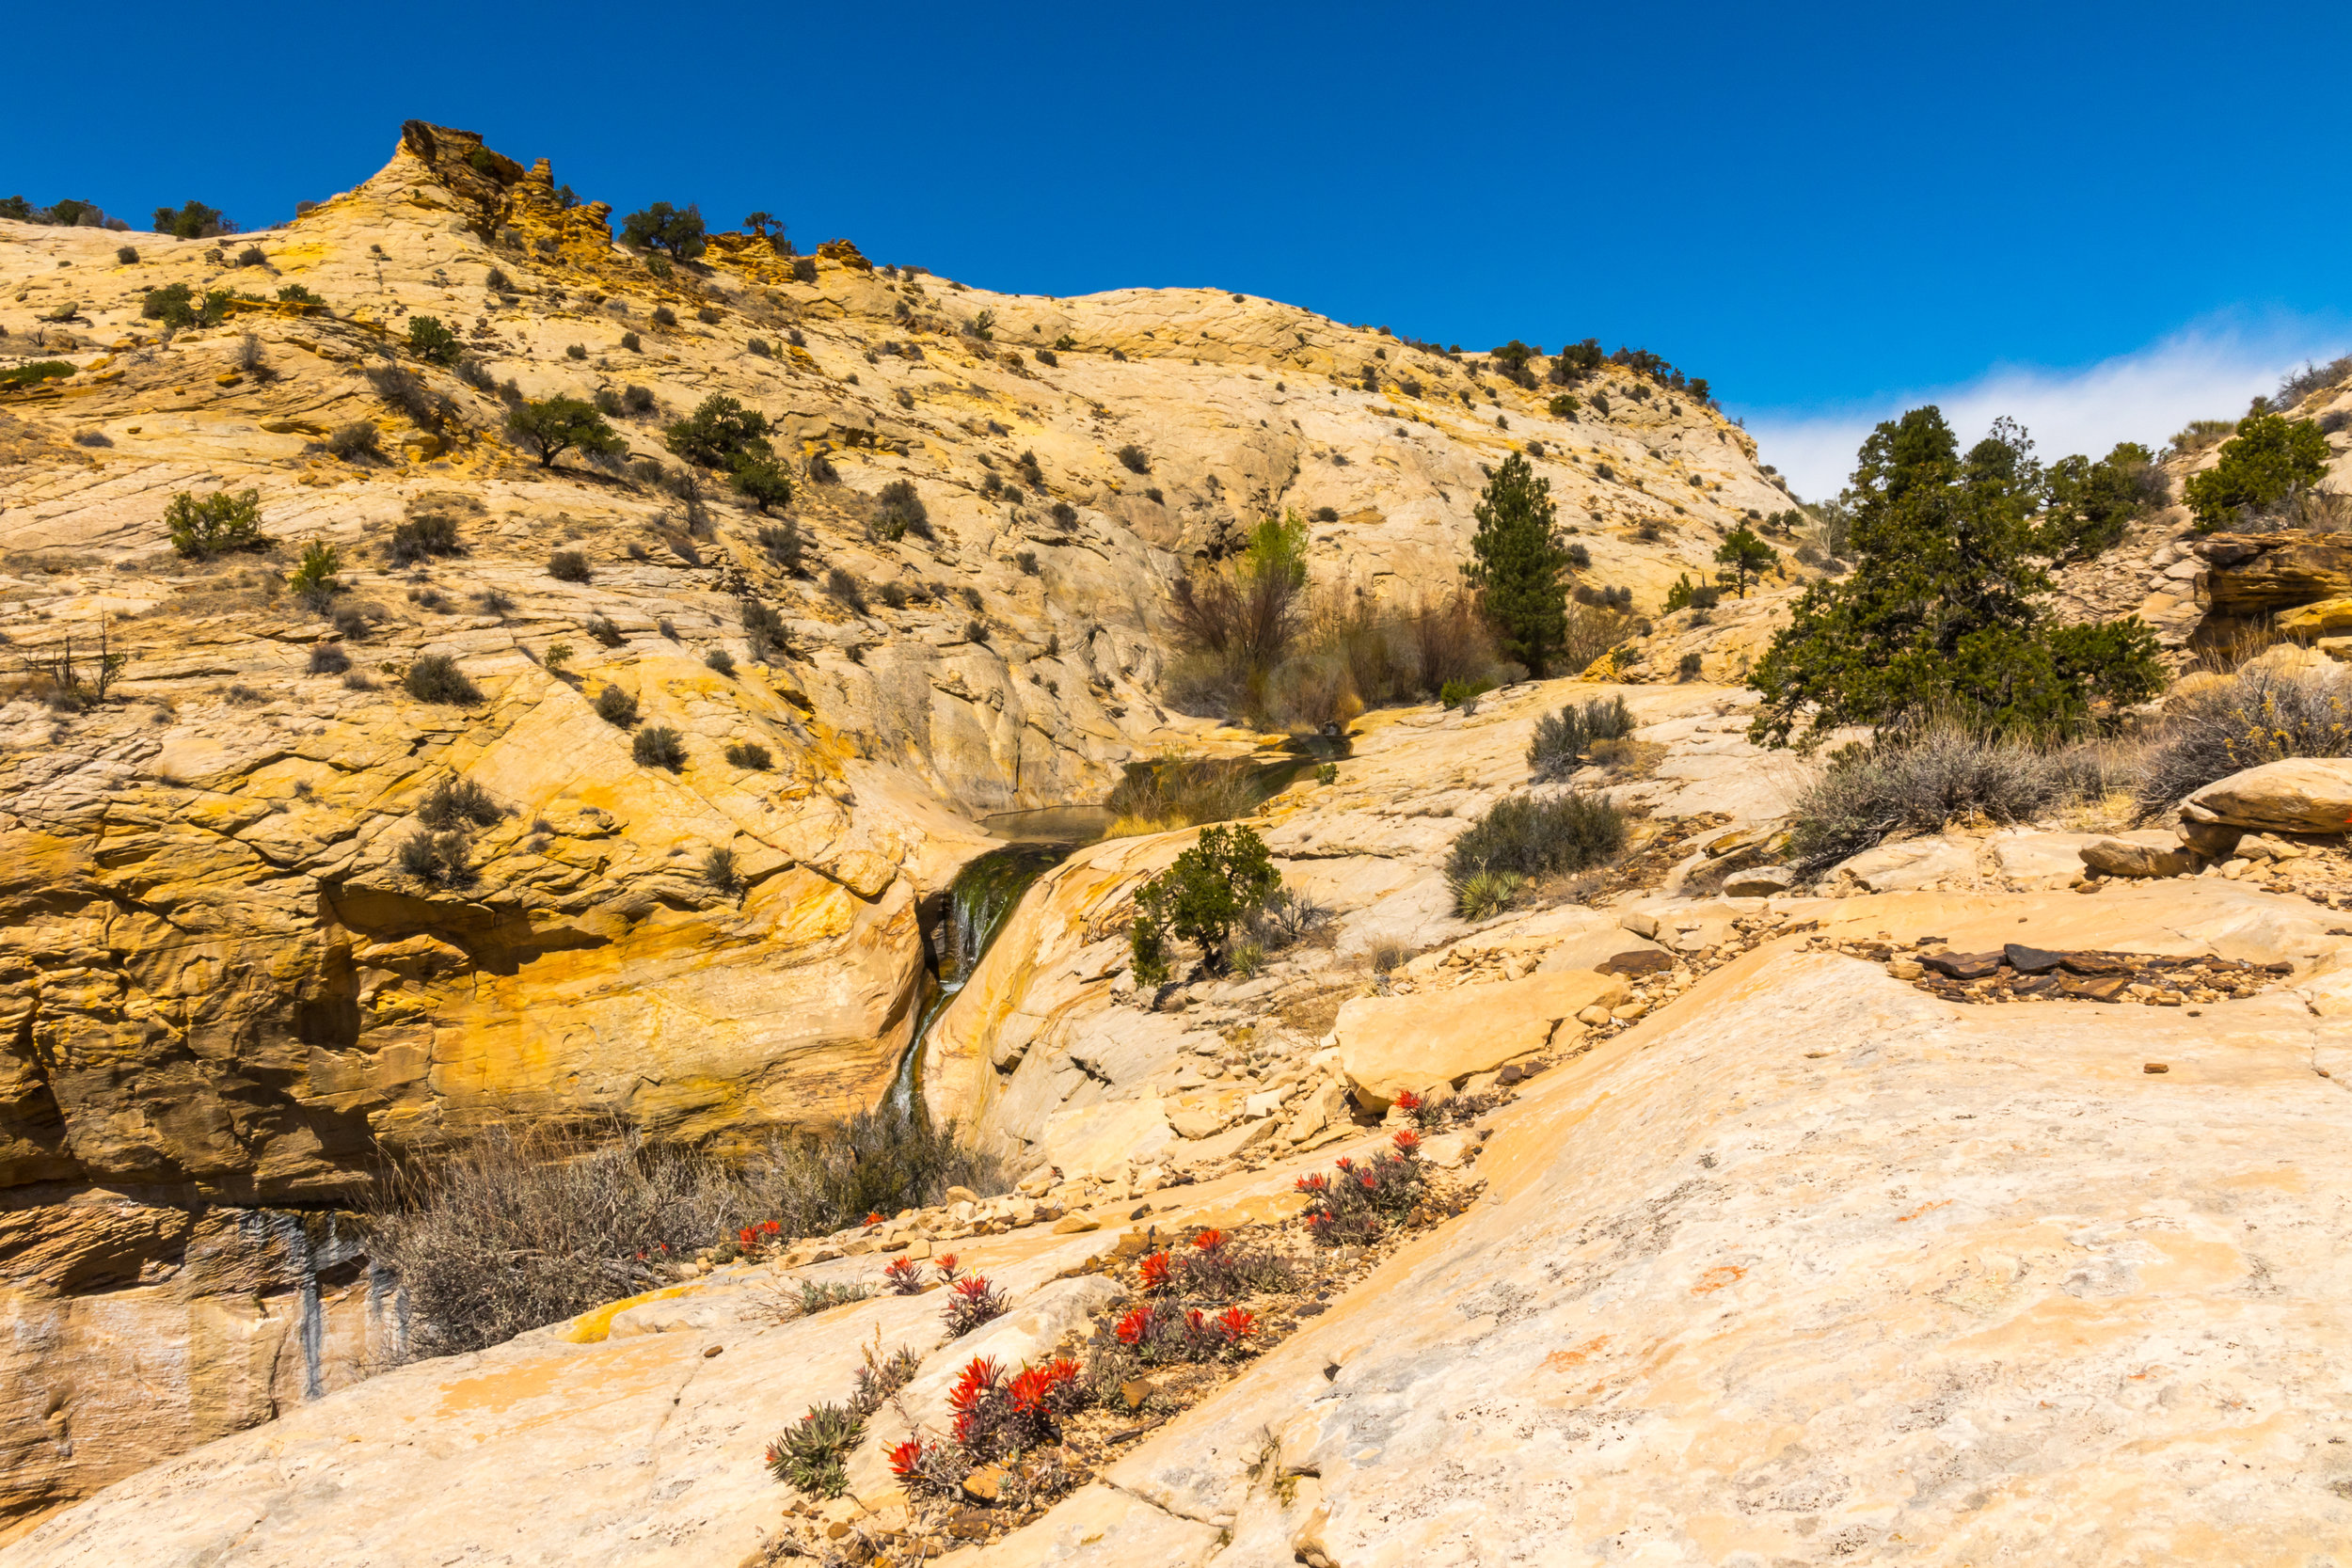 Upper Calf Creek Falls, Image # 2476